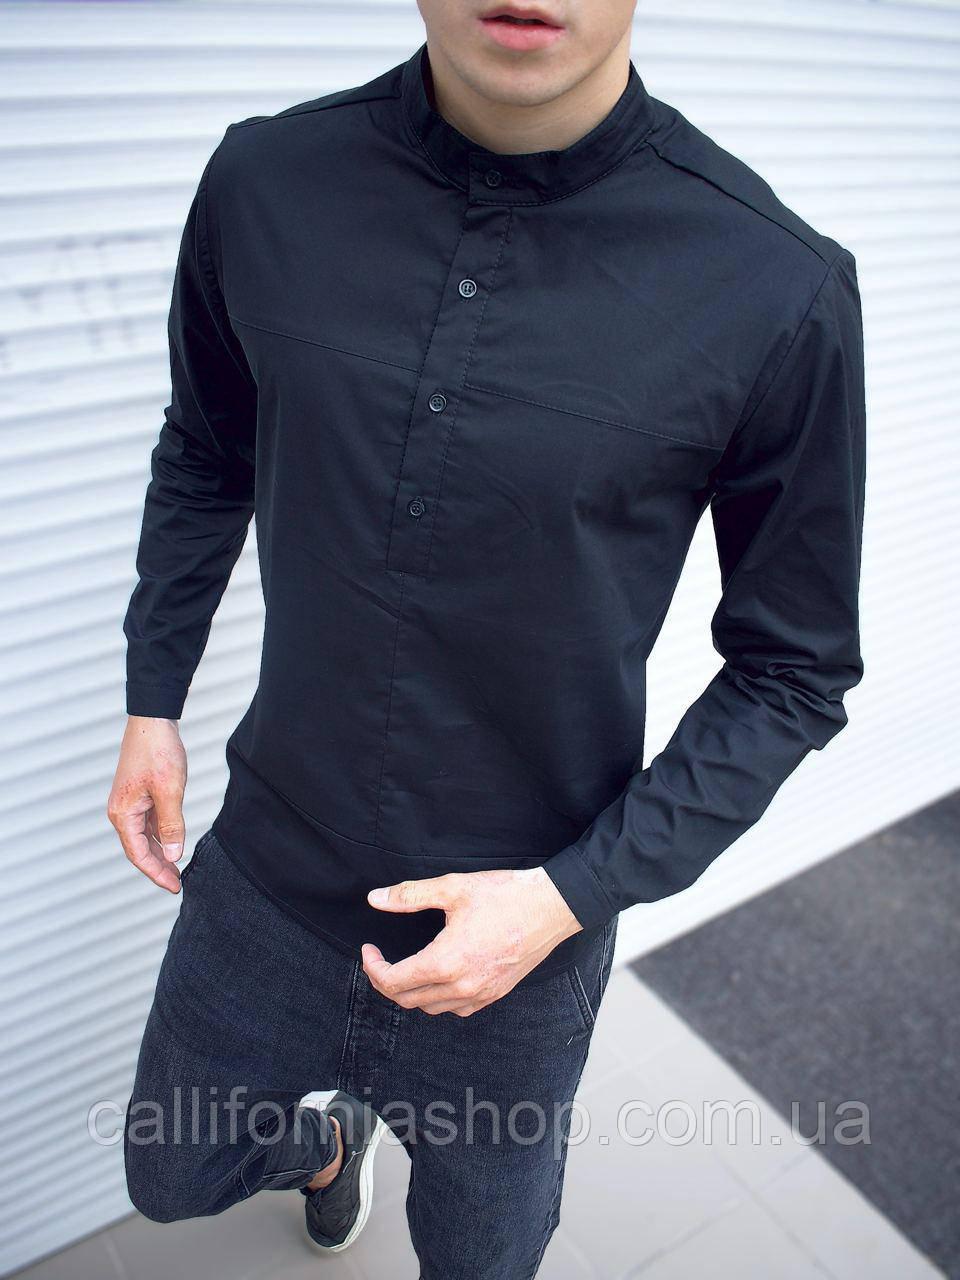 Рубашка мужская черная с длинным рукавом воротником стойкой однотонная хлопковая Турция